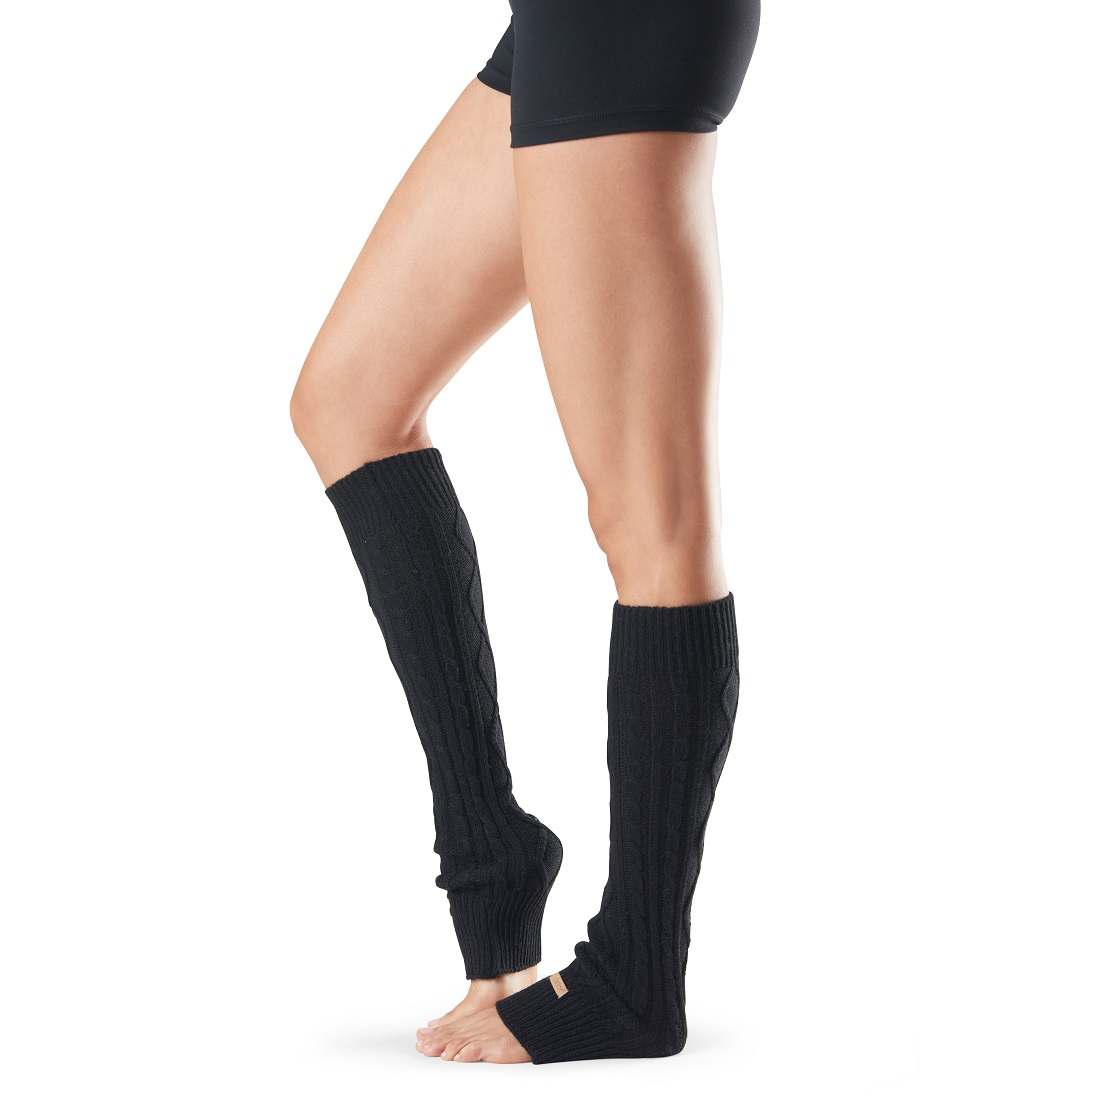 Beinstulpen ToeSox Leg Warmers Knee High